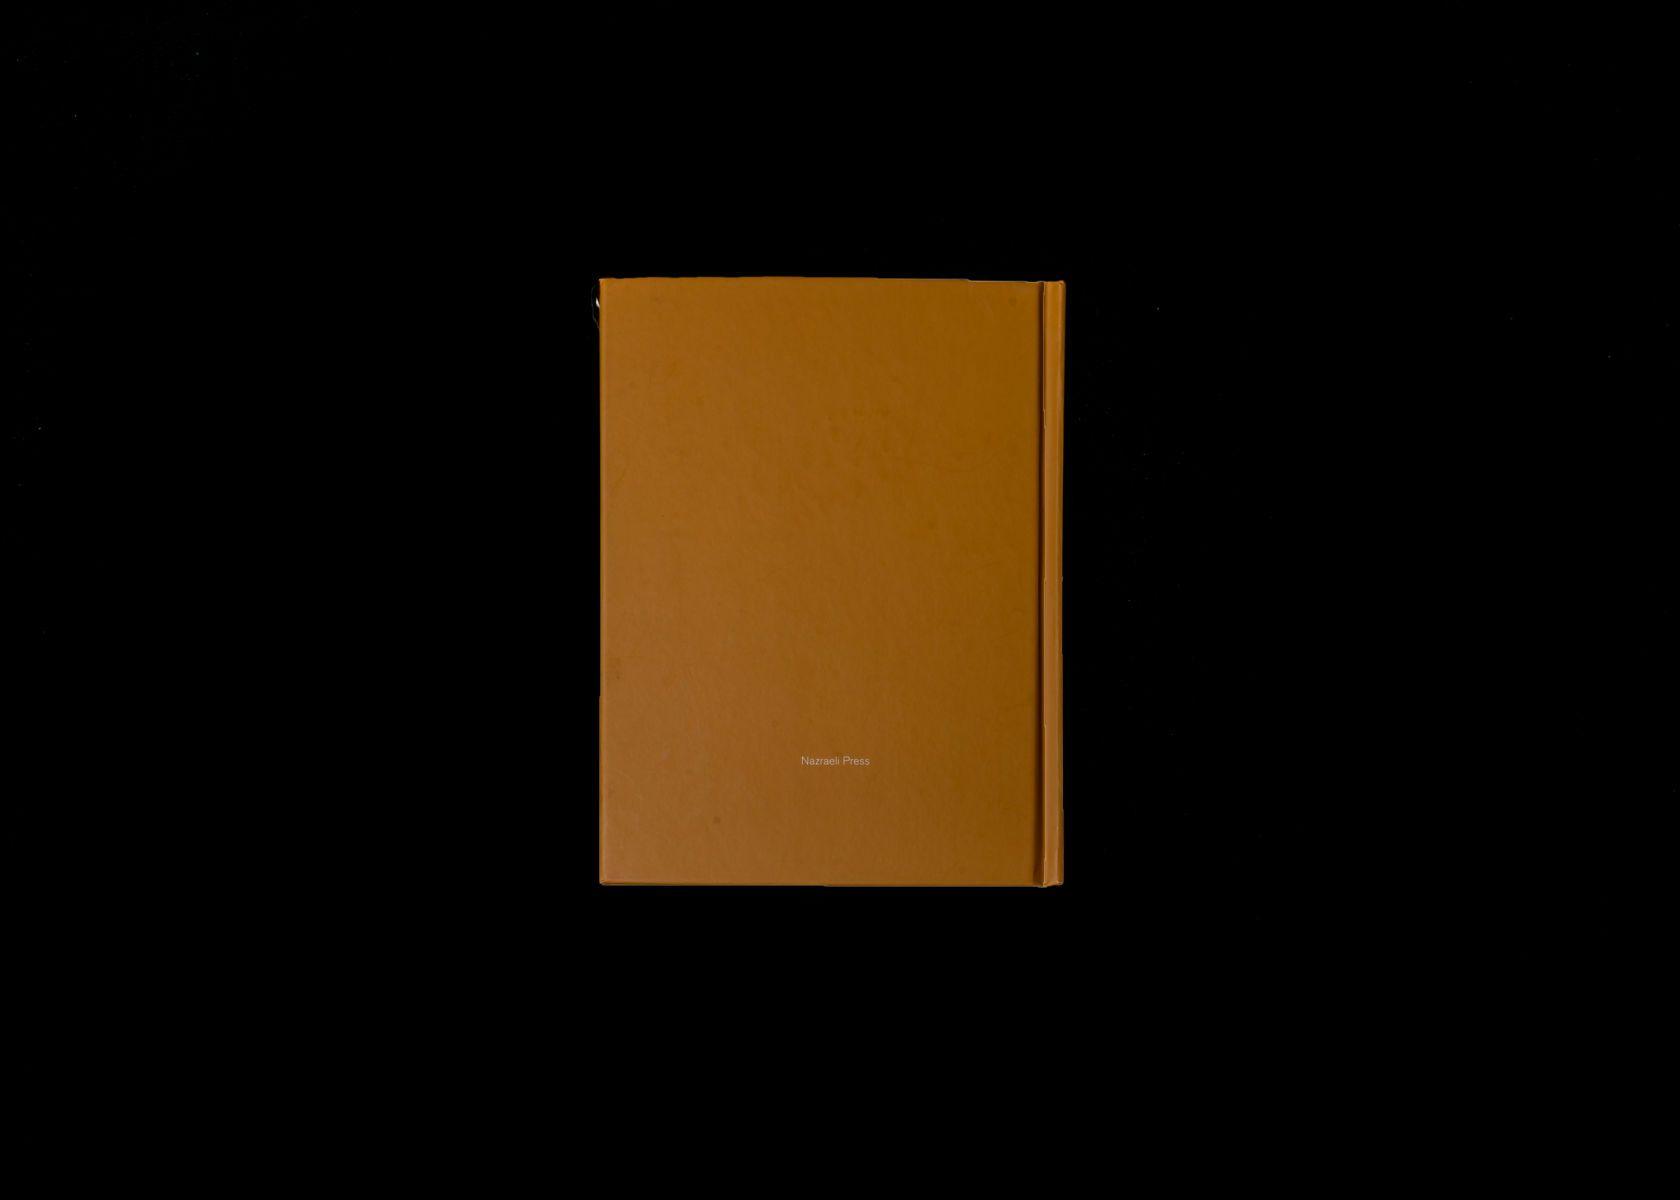 6_0_2197_1books_copy_2015_52.jpg